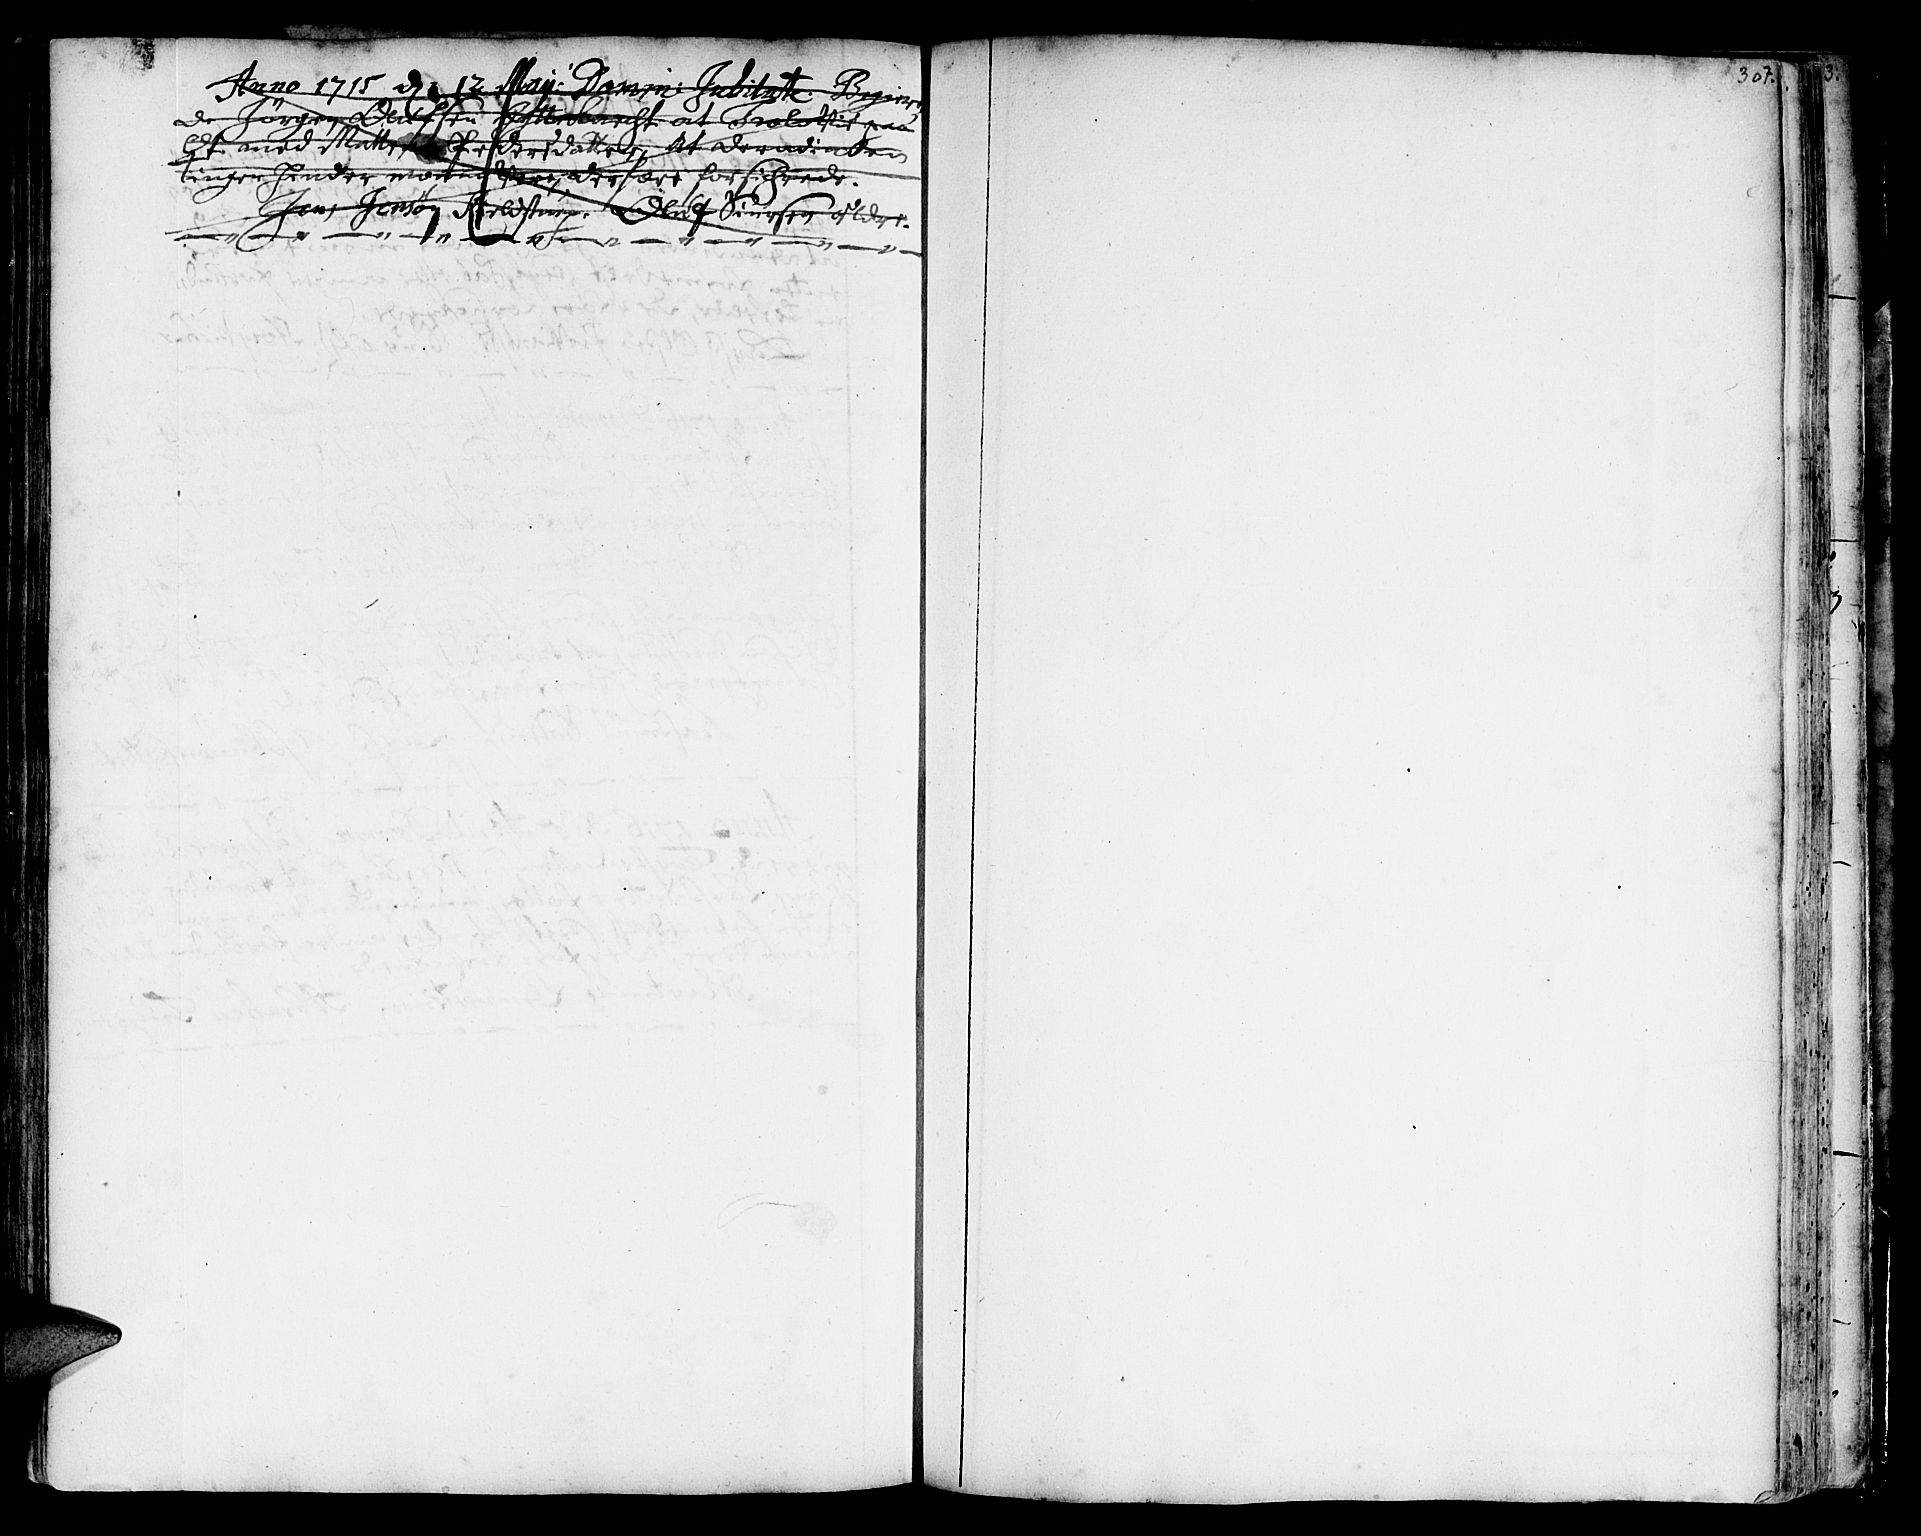 SAT, Ministerialprotokoller, klokkerbøker og fødselsregistre - Sør-Trøndelag, 668/L0801: Ministerialbok nr. 668A01, 1695-1716, s. 306-307